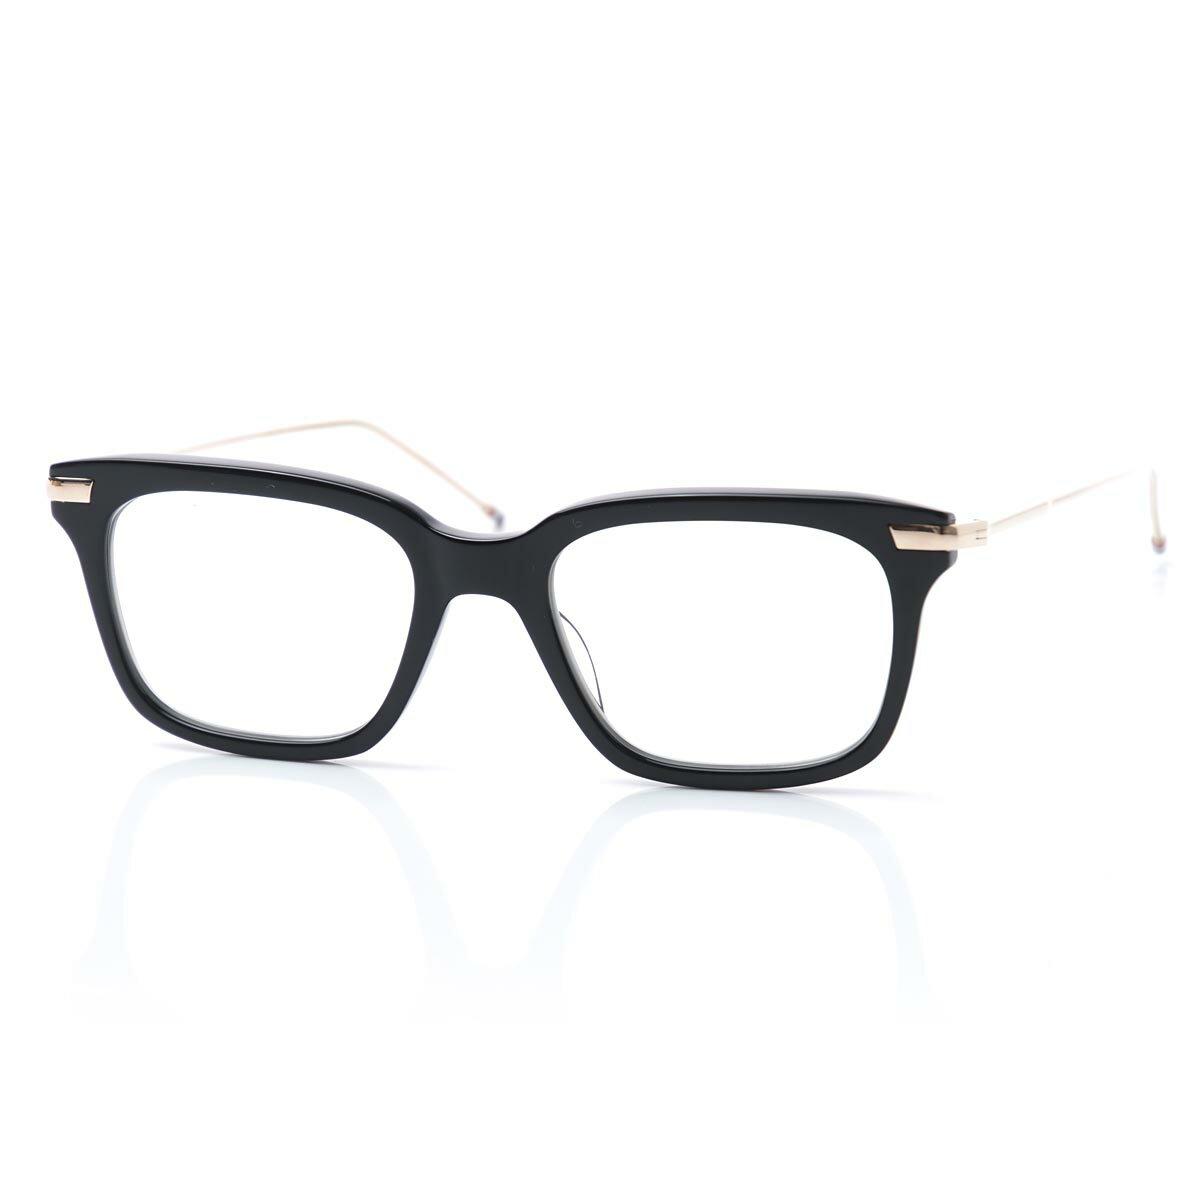 眼鏡・サングラス, 眼鏡  THOM BROWNE. tb 701 a blk gld